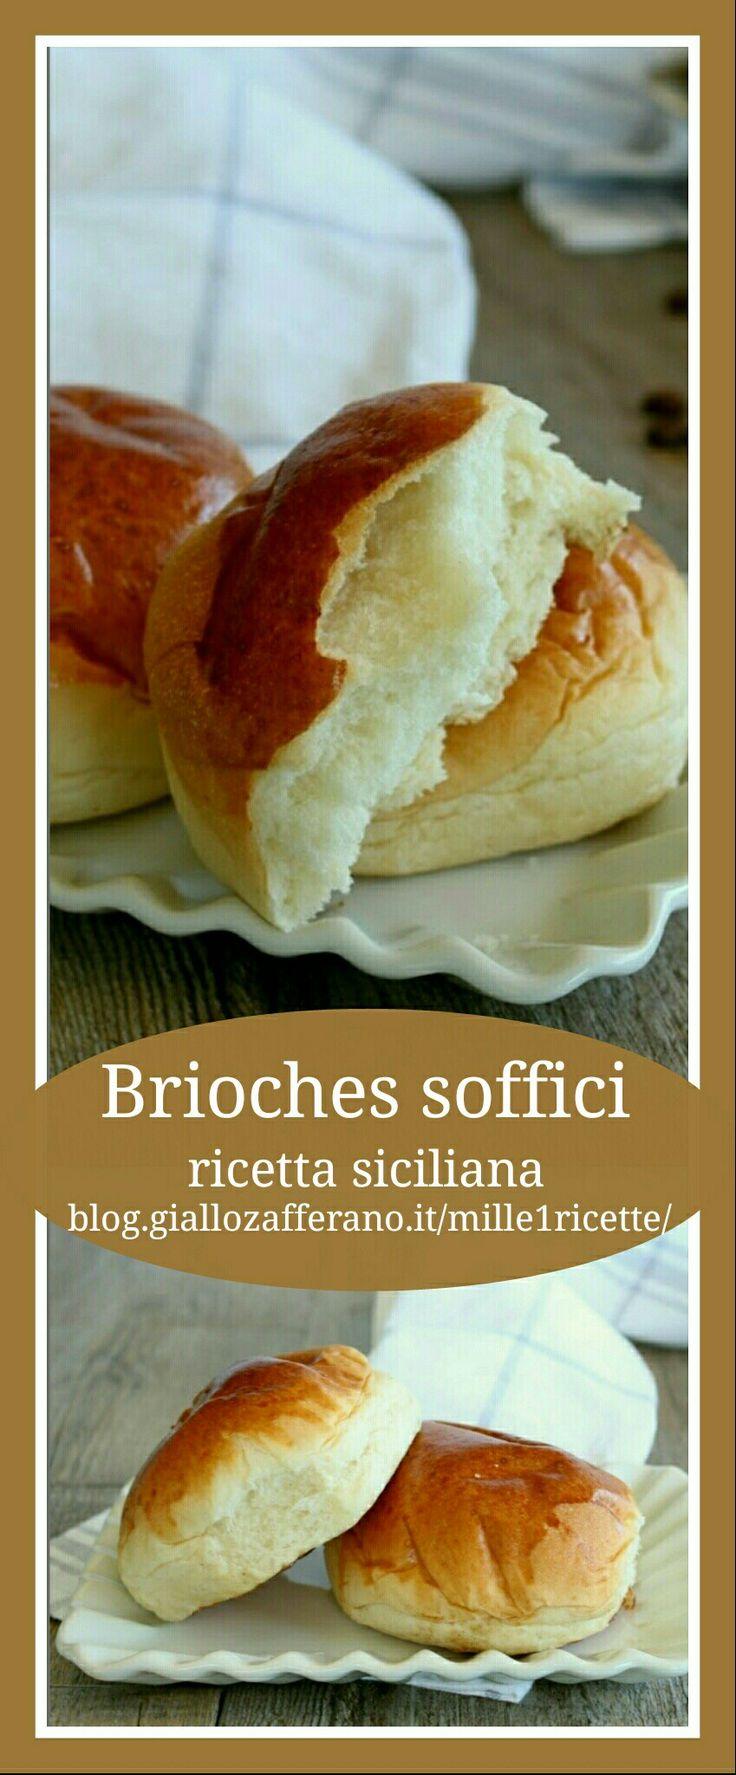 Brioches soffici, ricetta Siciliana http://blog.giallozafferano.it/mille1ricette/brioches-soffici-ricetta-siciliana/